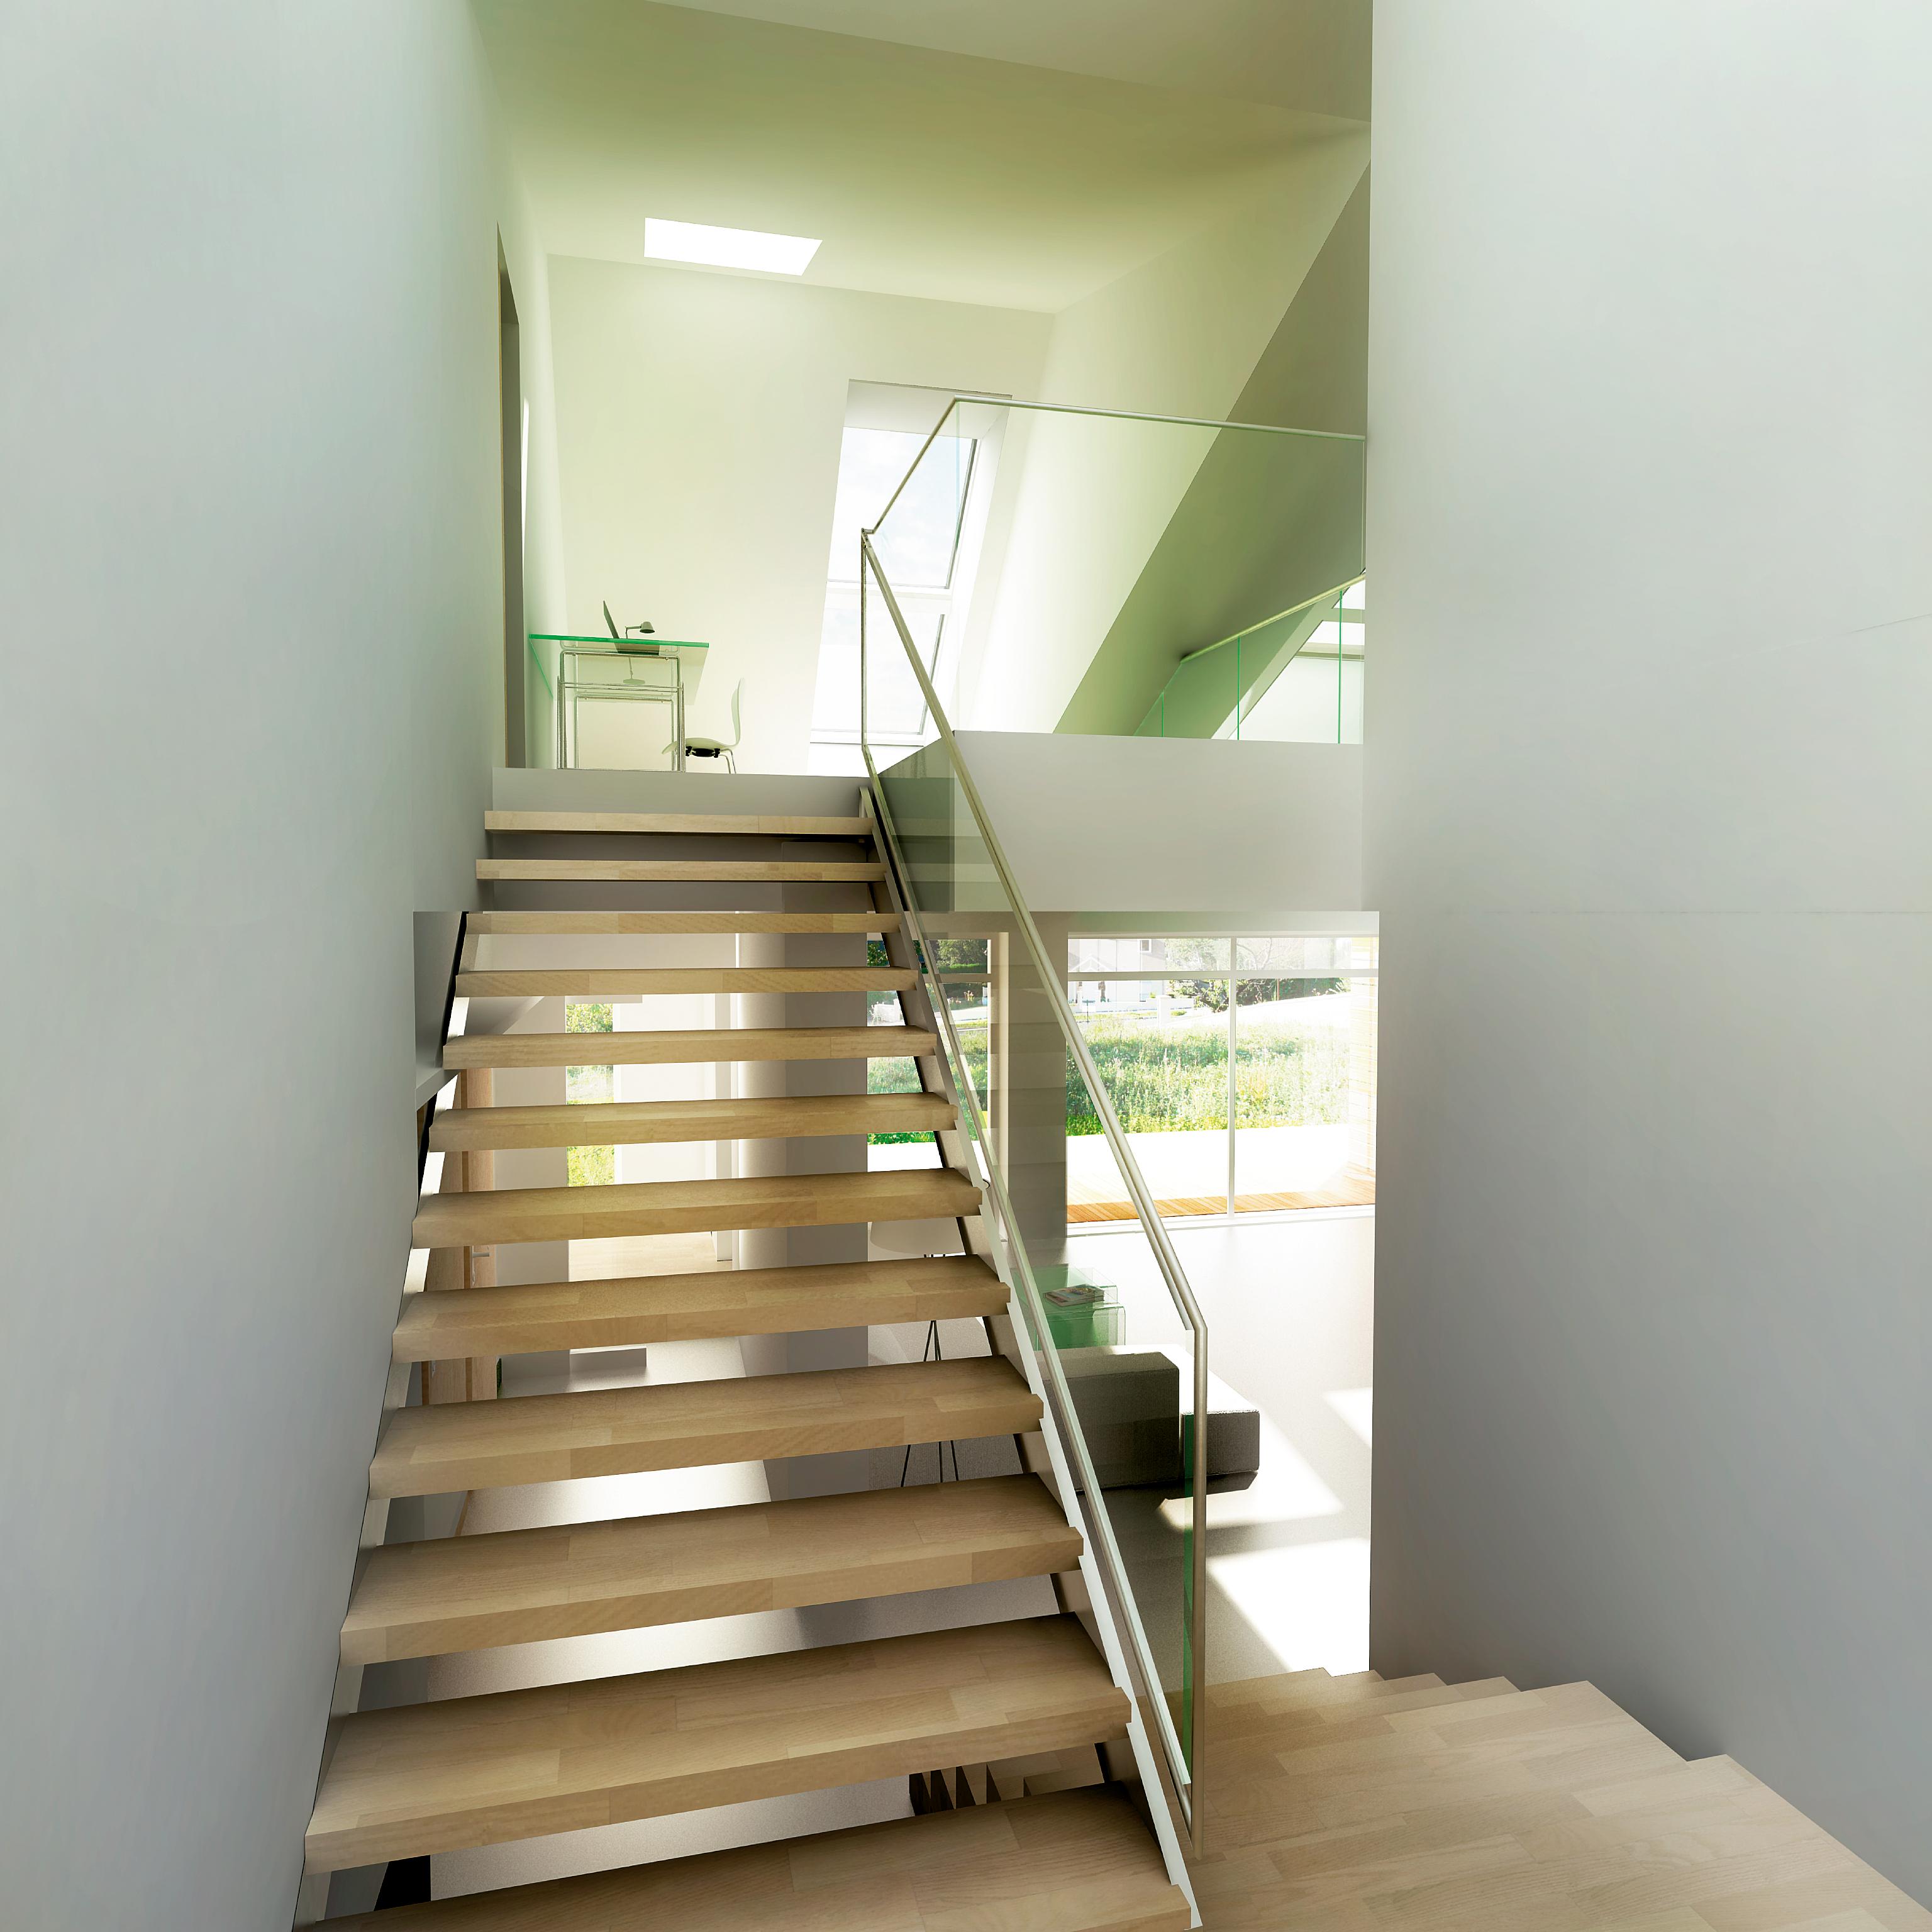 Maison air et lumiere a sasea casa activa construita de for Maison saine air et lumiere